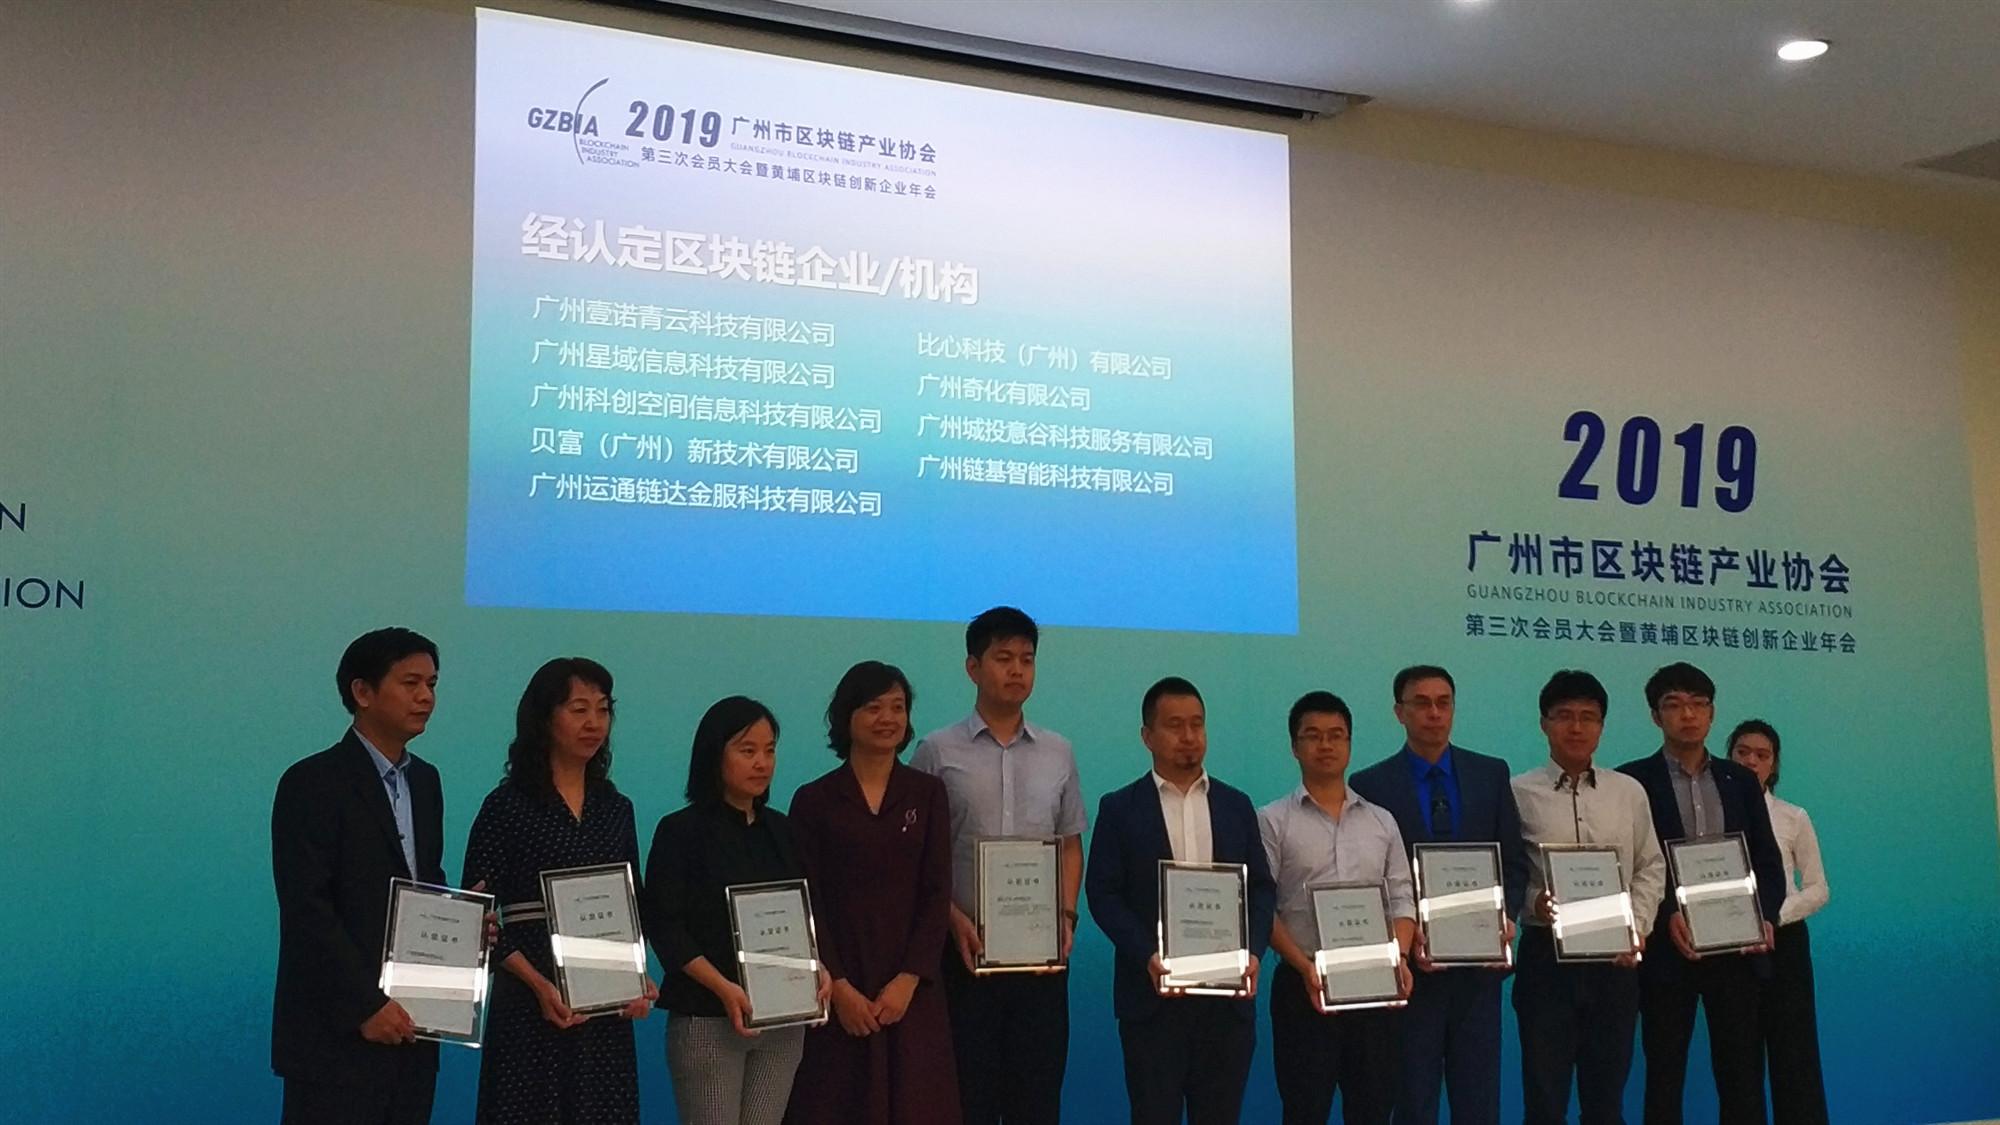 健客全资子公司入选广州黄埔区块链创新企业名录